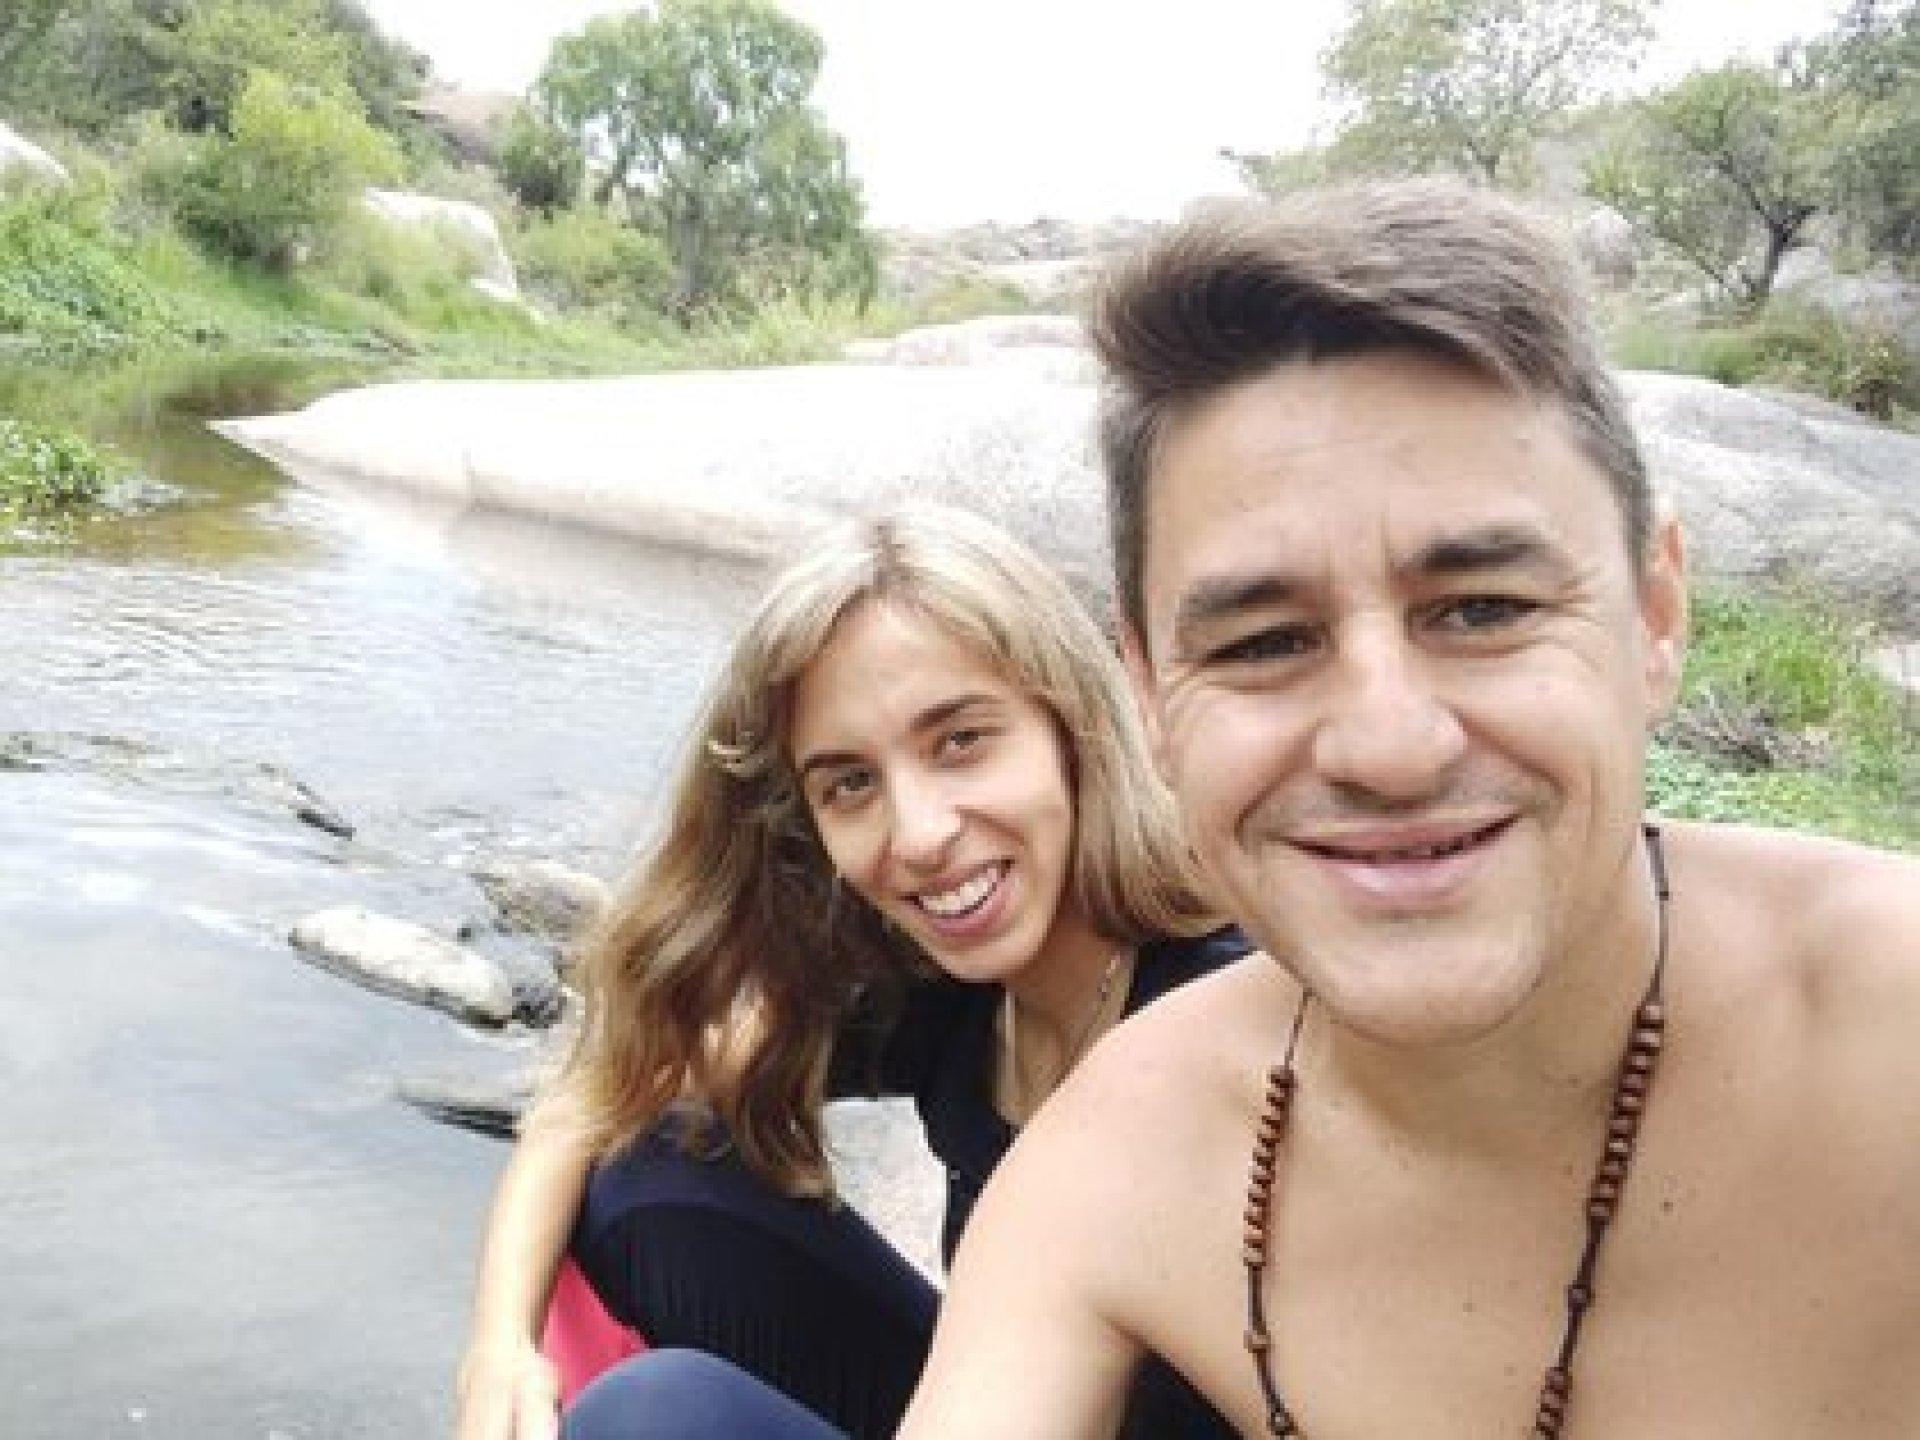 Unos días antes del accidente, Verónica y Javier habían regresado de sus vacaciones en las sierras cordobesas (Fotos: Facebook)